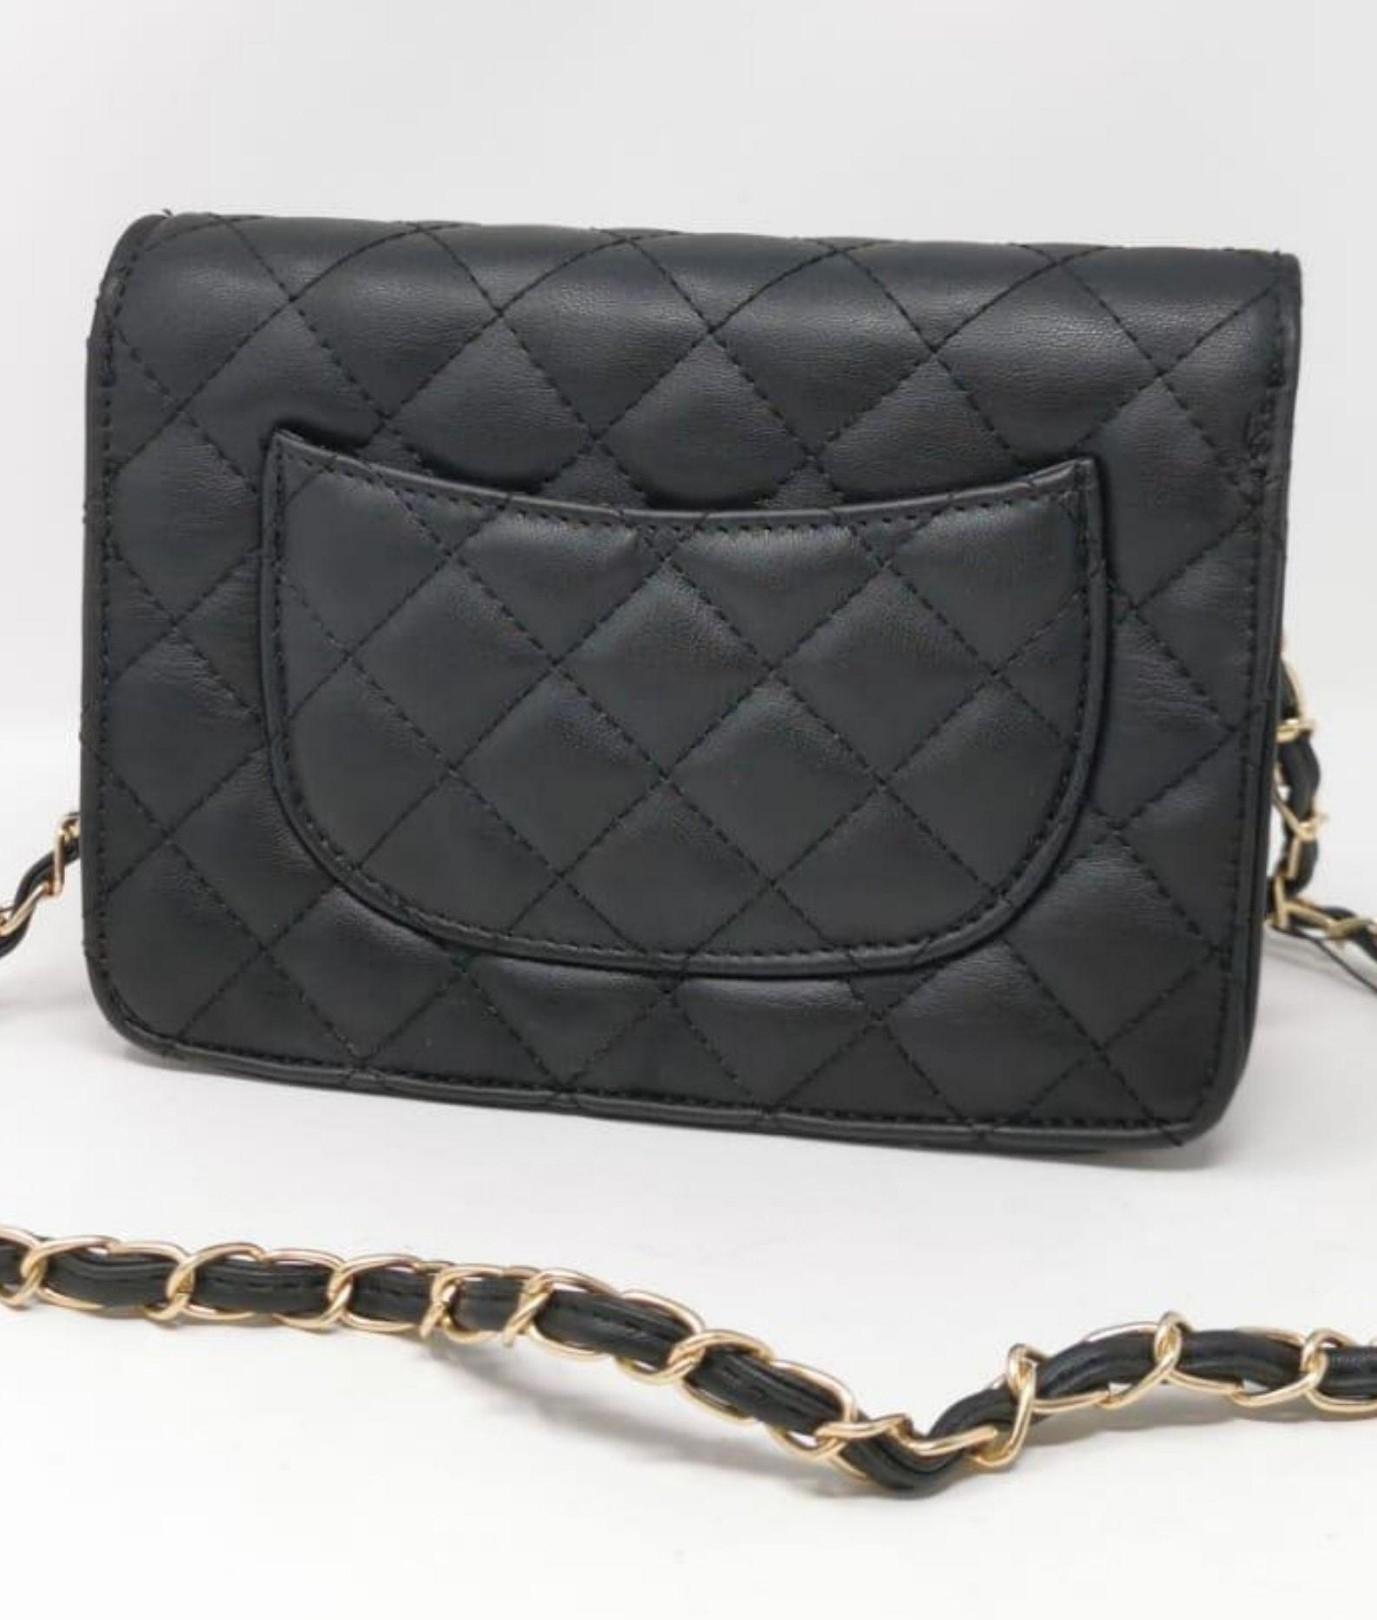 Ainy shoulder bag -Black